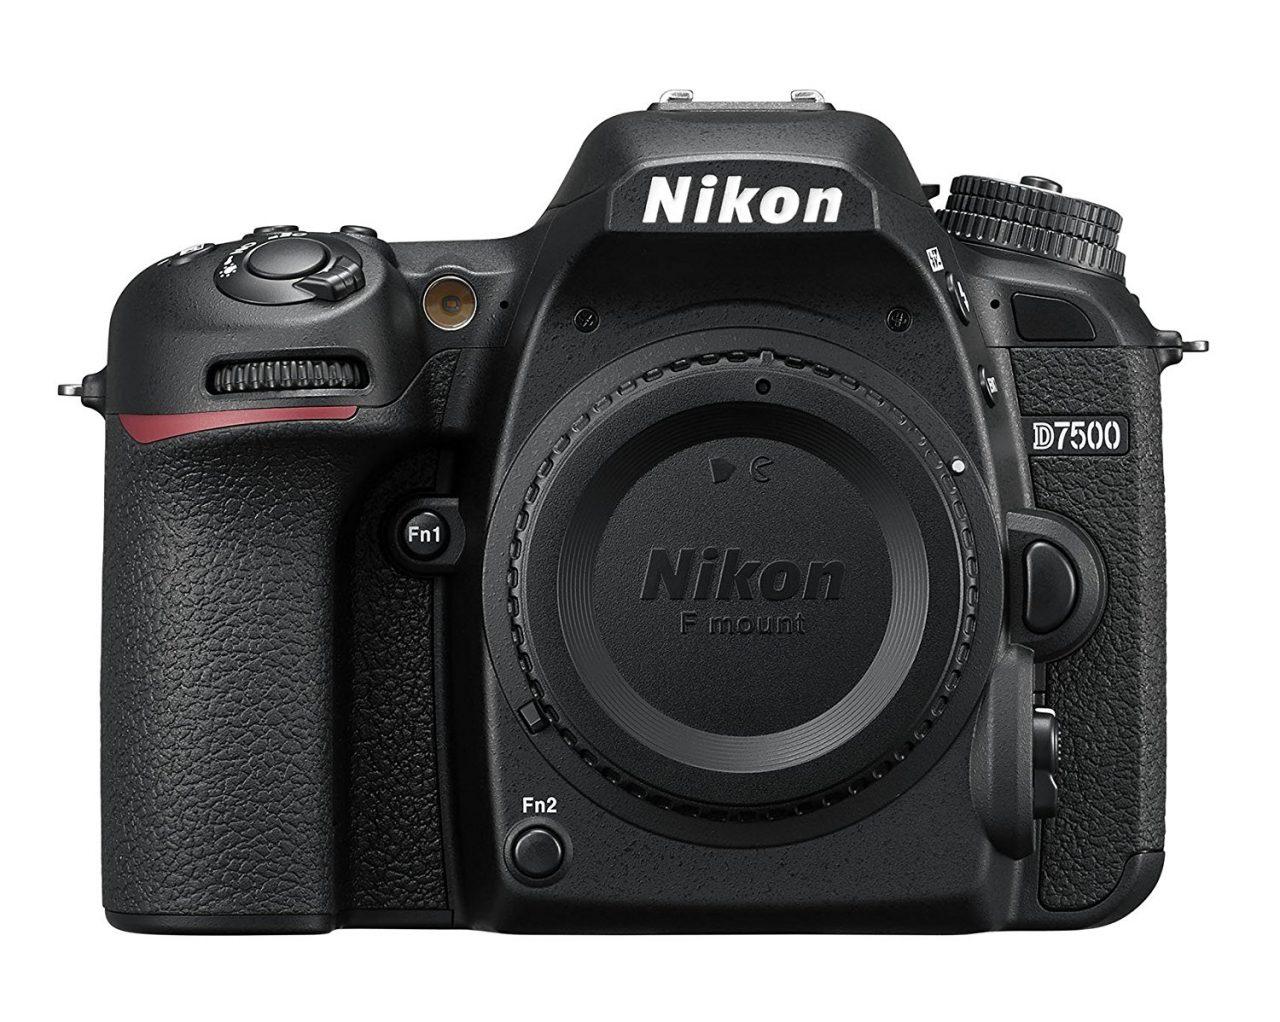 54aabf6d6408ff Tra le top della fascia media c'è l'interessantissima D7500 di Nikon.  Interessante perché condivide molto con l'ammiraglia D500, pur costando un  po' meno.